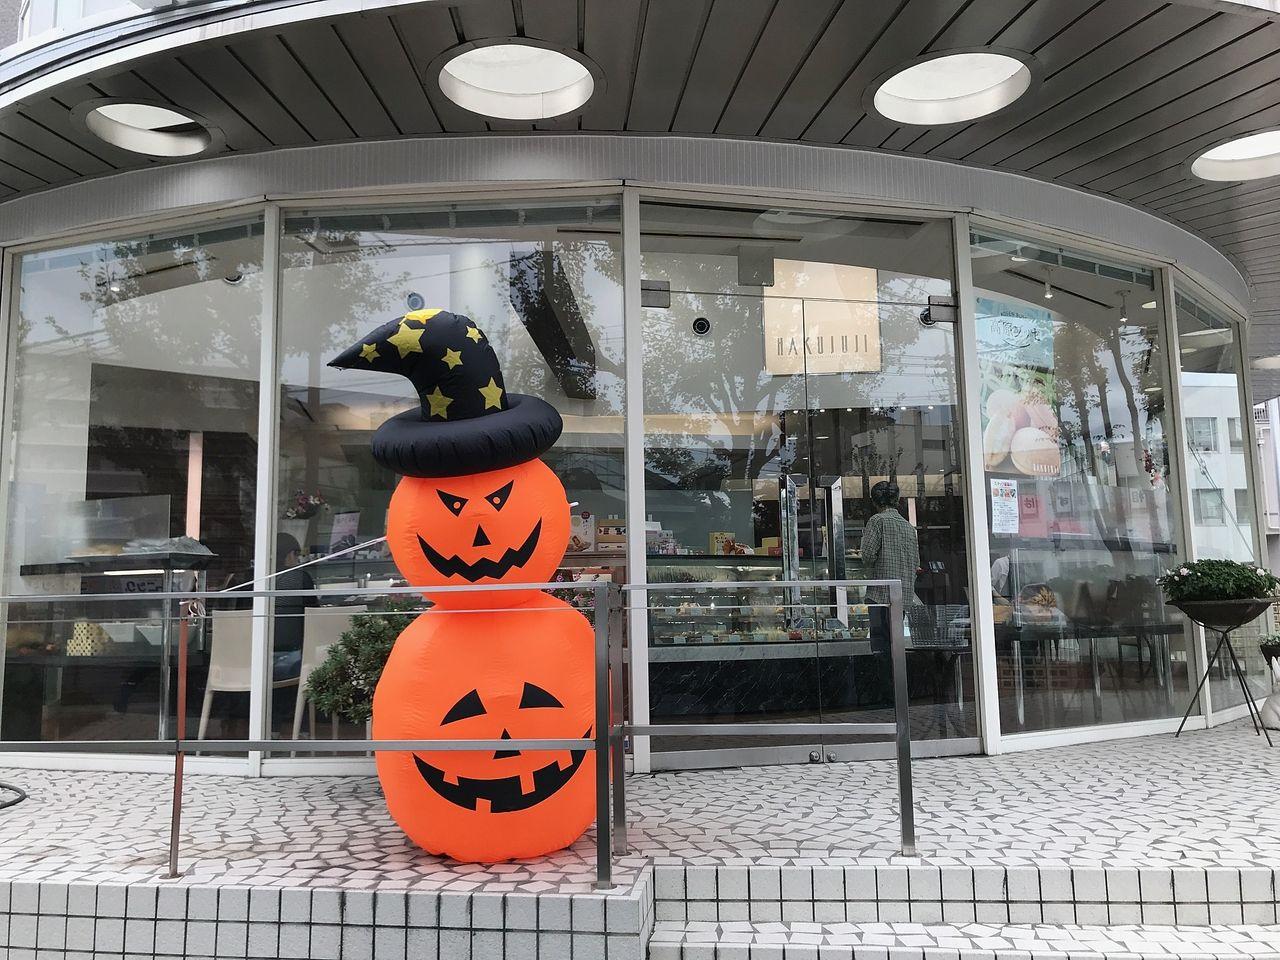 「HAKUJUJI」 岡山西税務署の南隣にある洋菓子店